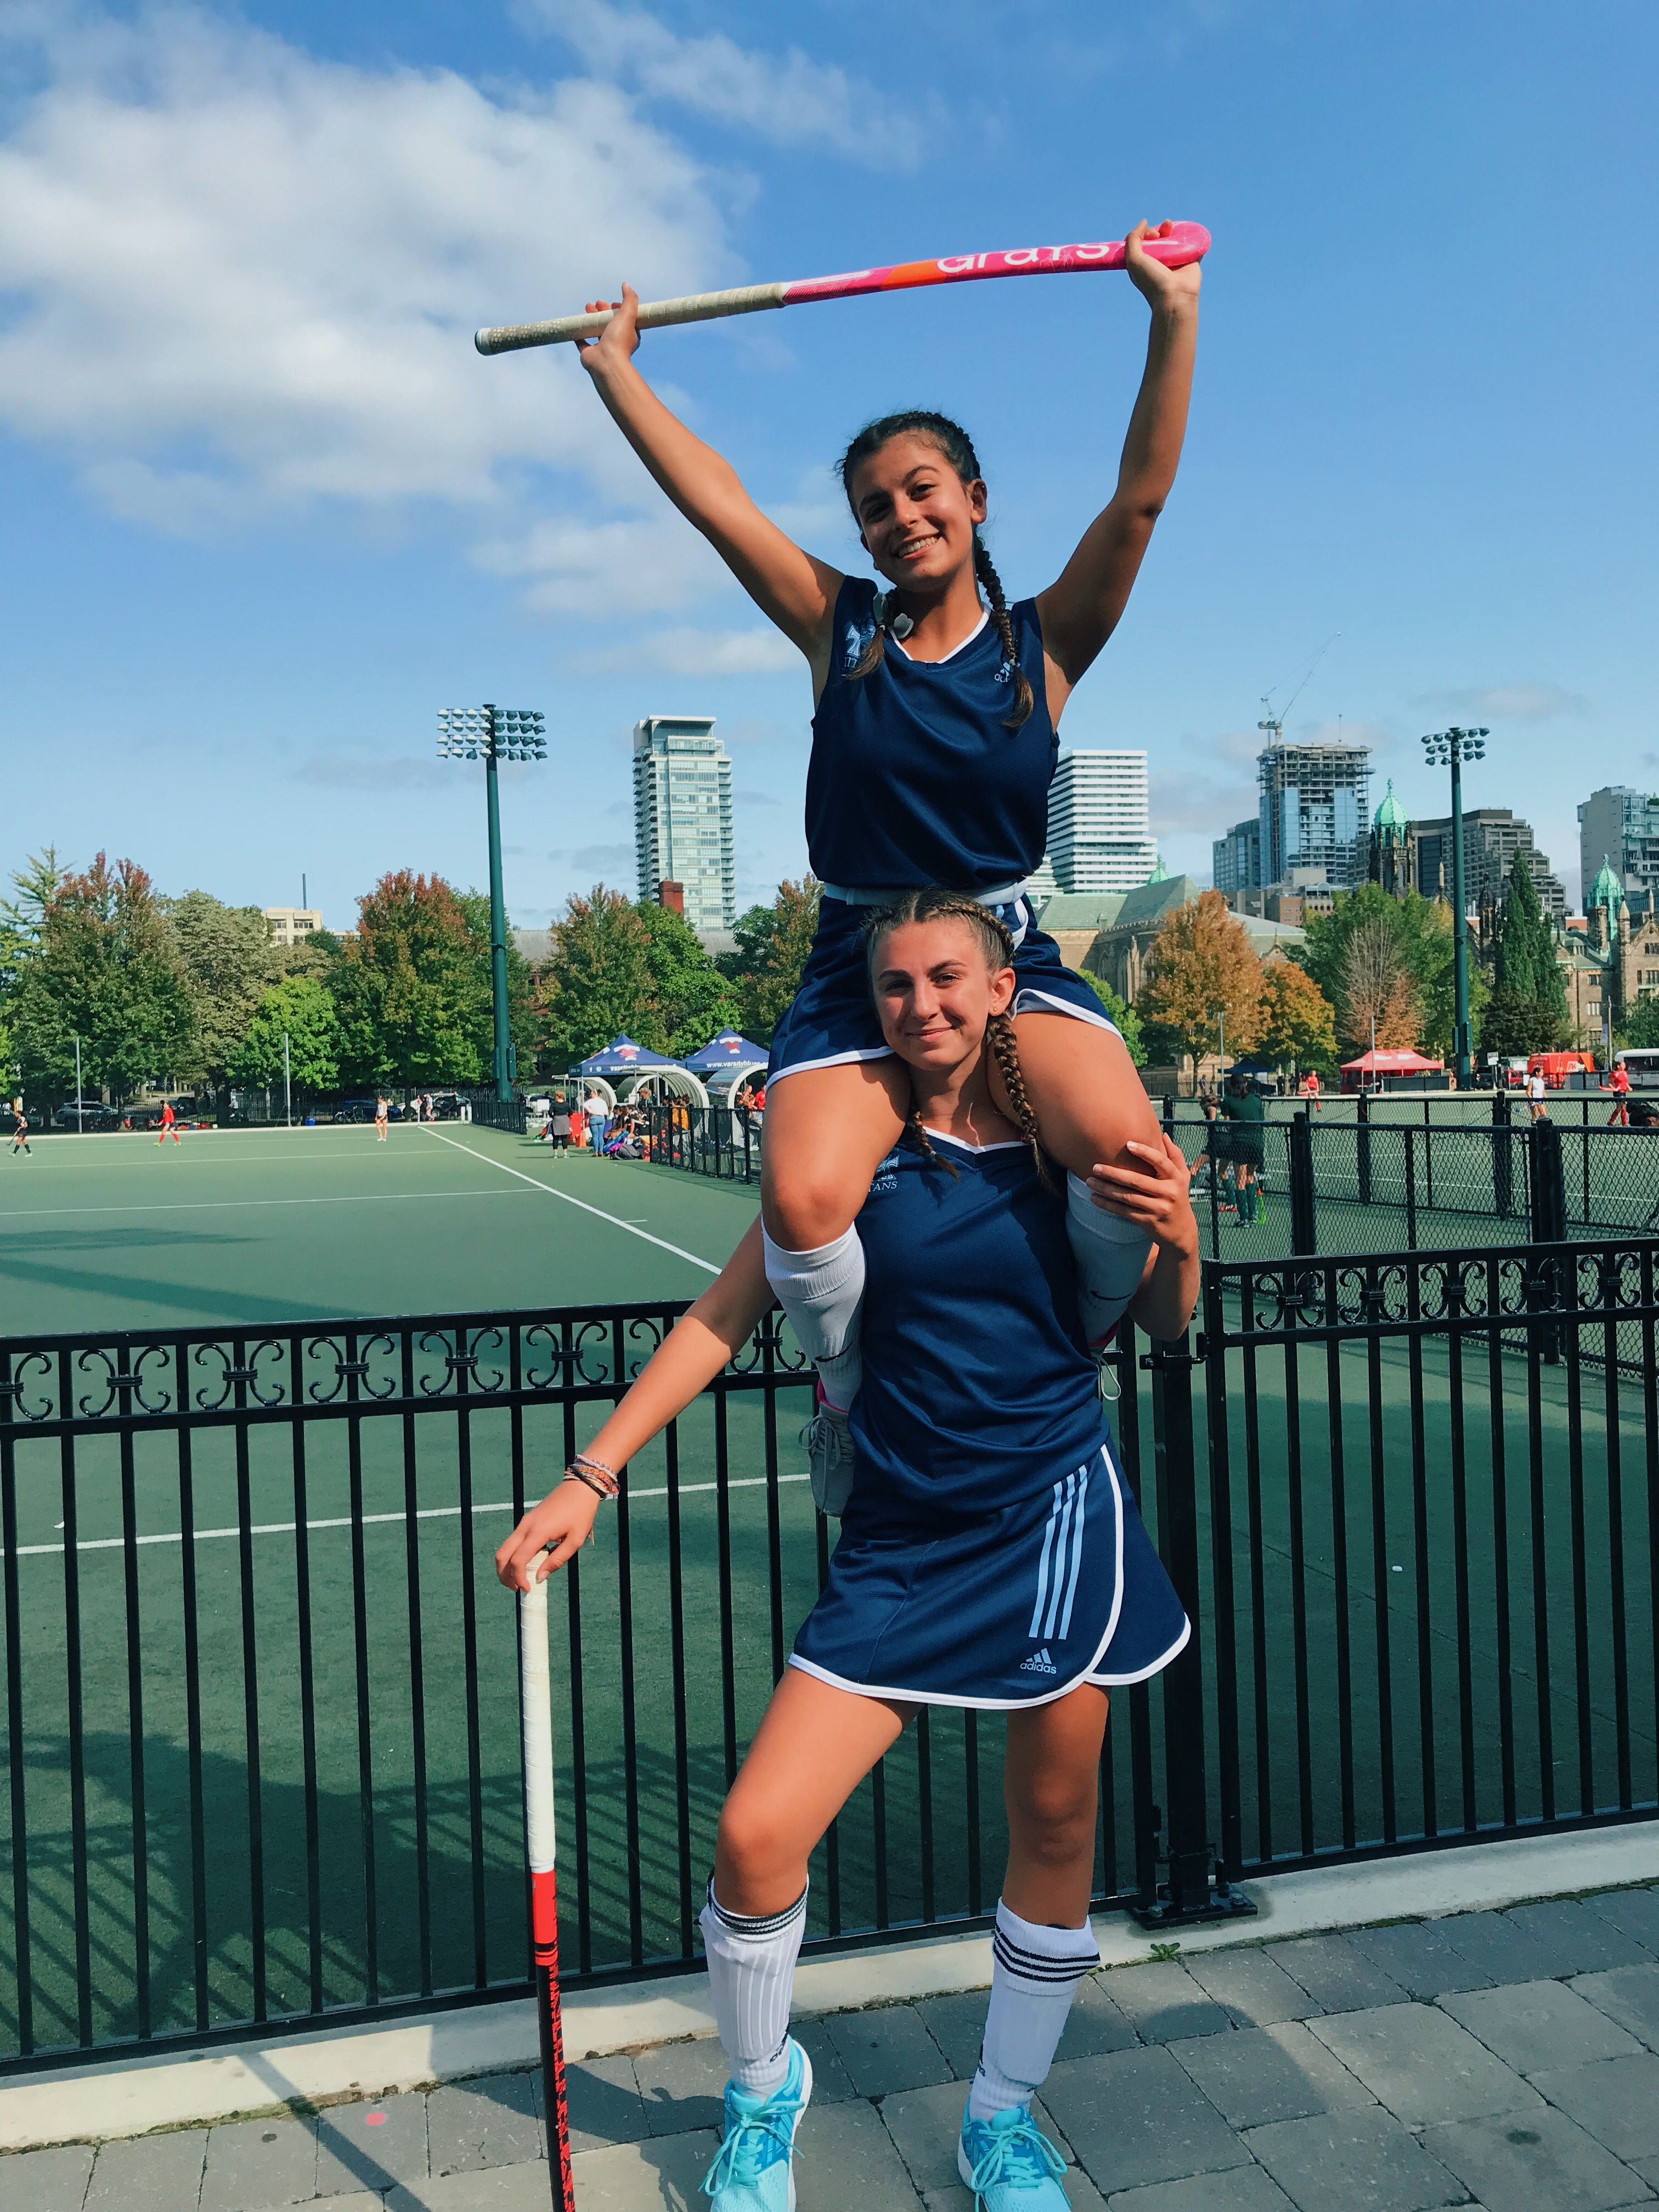 Field Hockey Girls Field Hockey Girls Hockey Outfits Hockey Girls